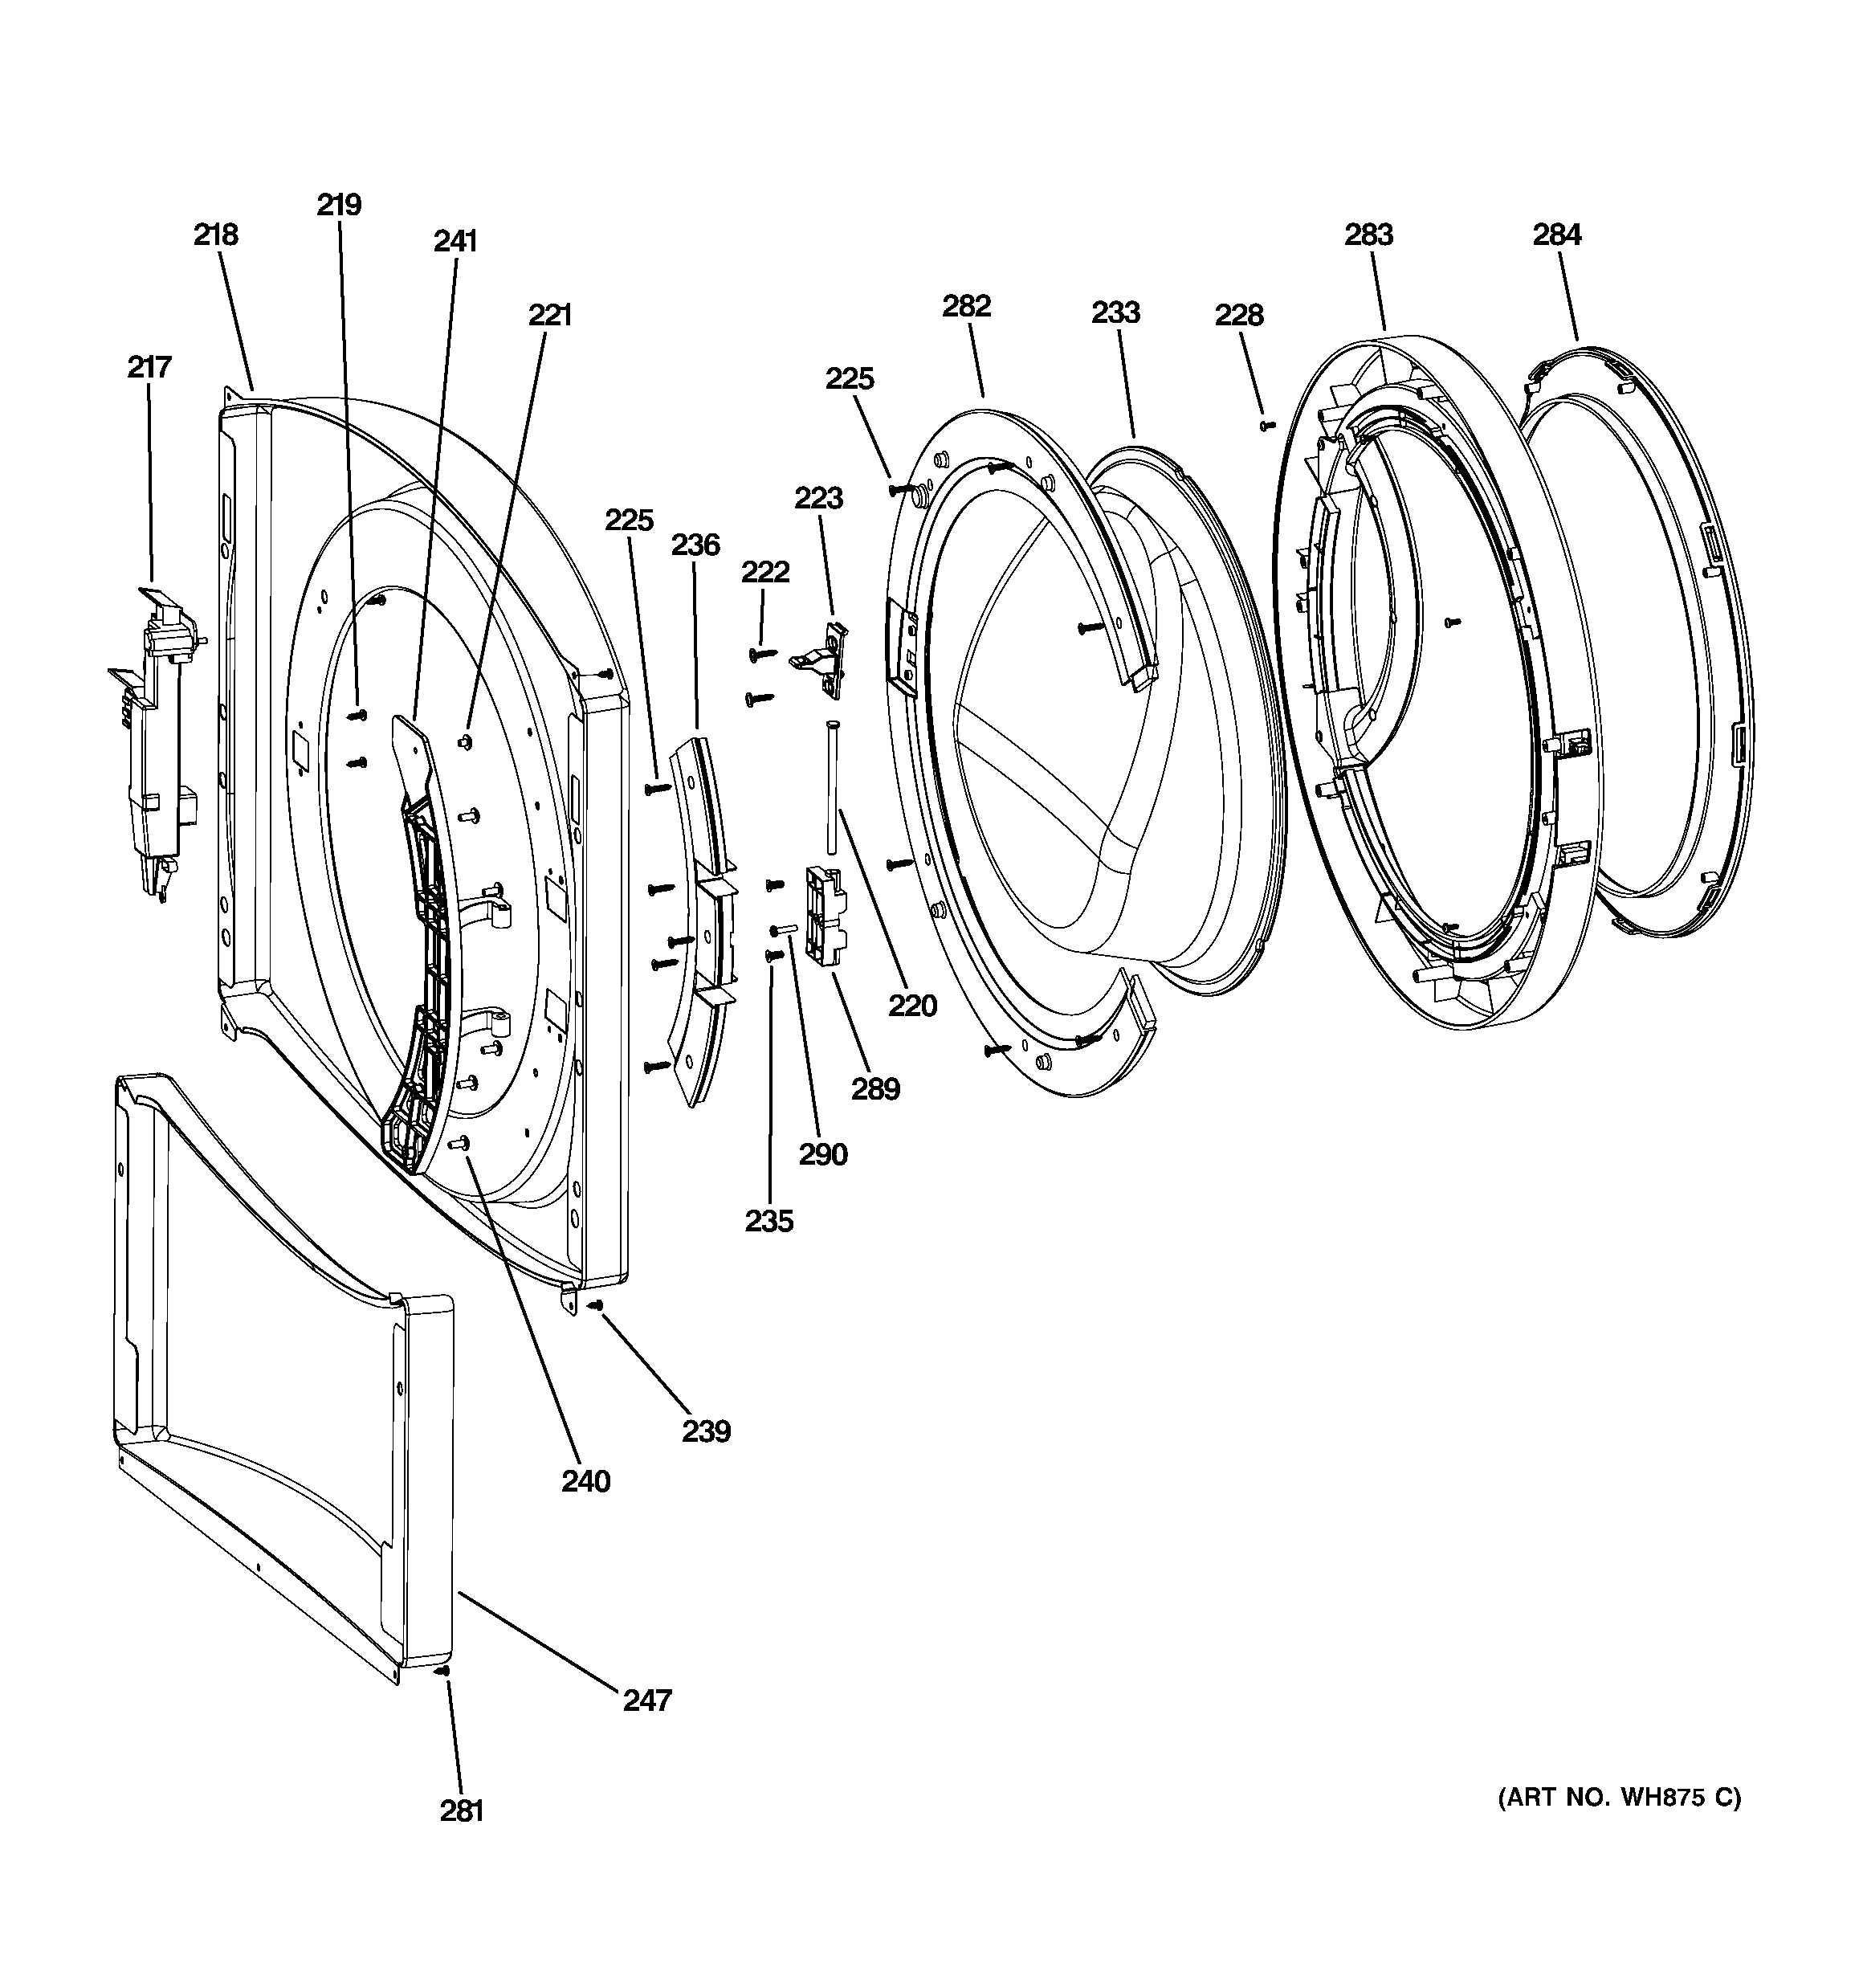 Ge Adora Steam Clean Instructions Potscrubber Dishwasher Wiring Diagram